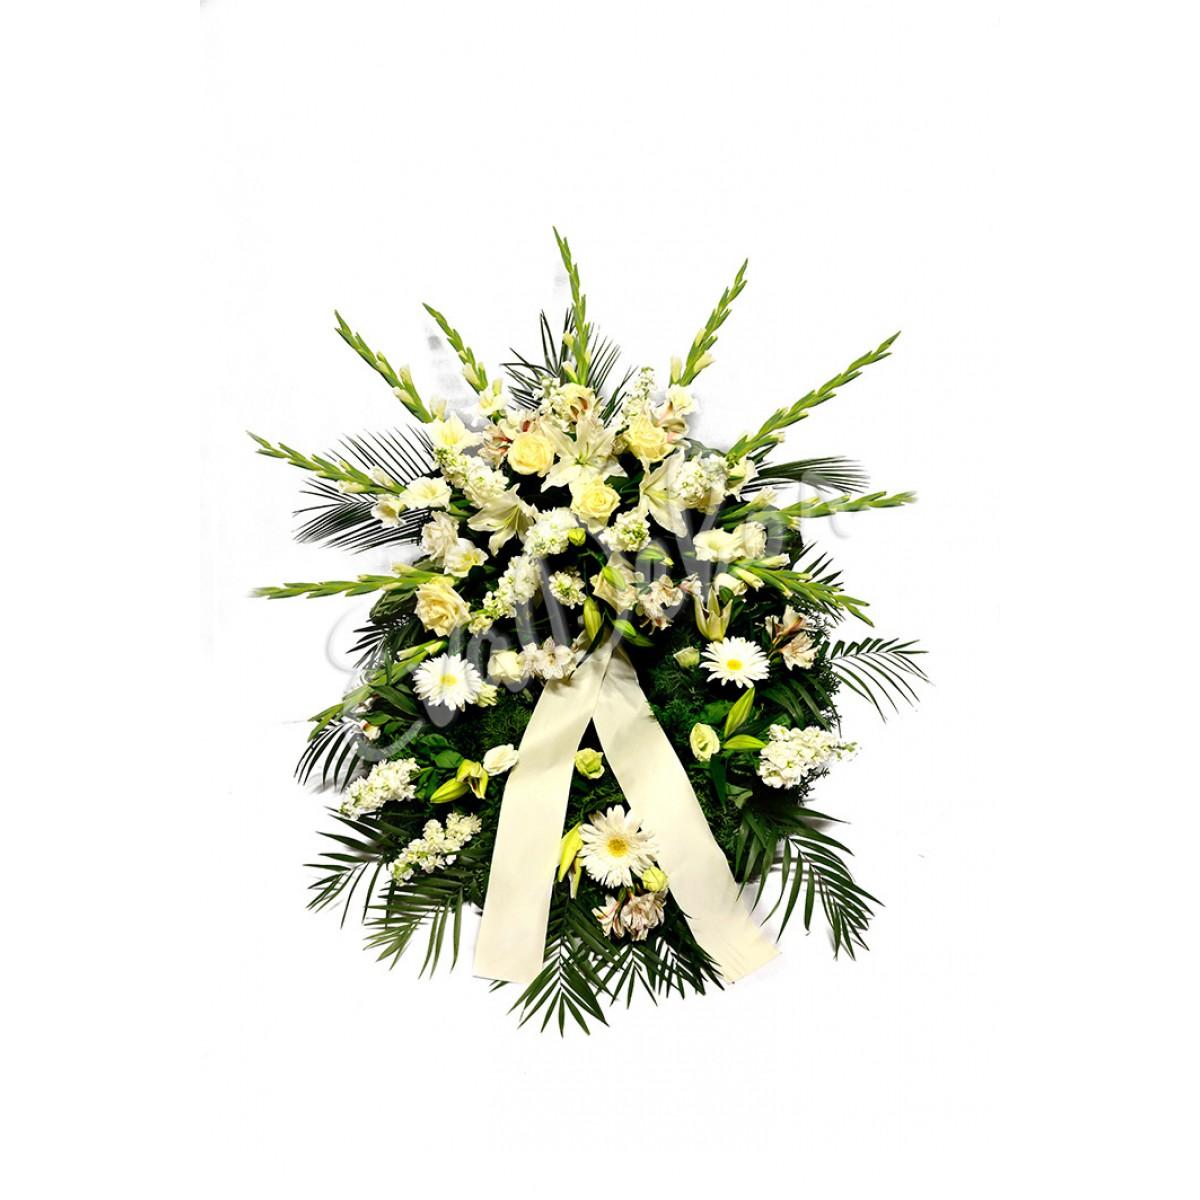 Smuteční věnec Bílé gladioly - EvaDekor.cz rozvoz květin Praha